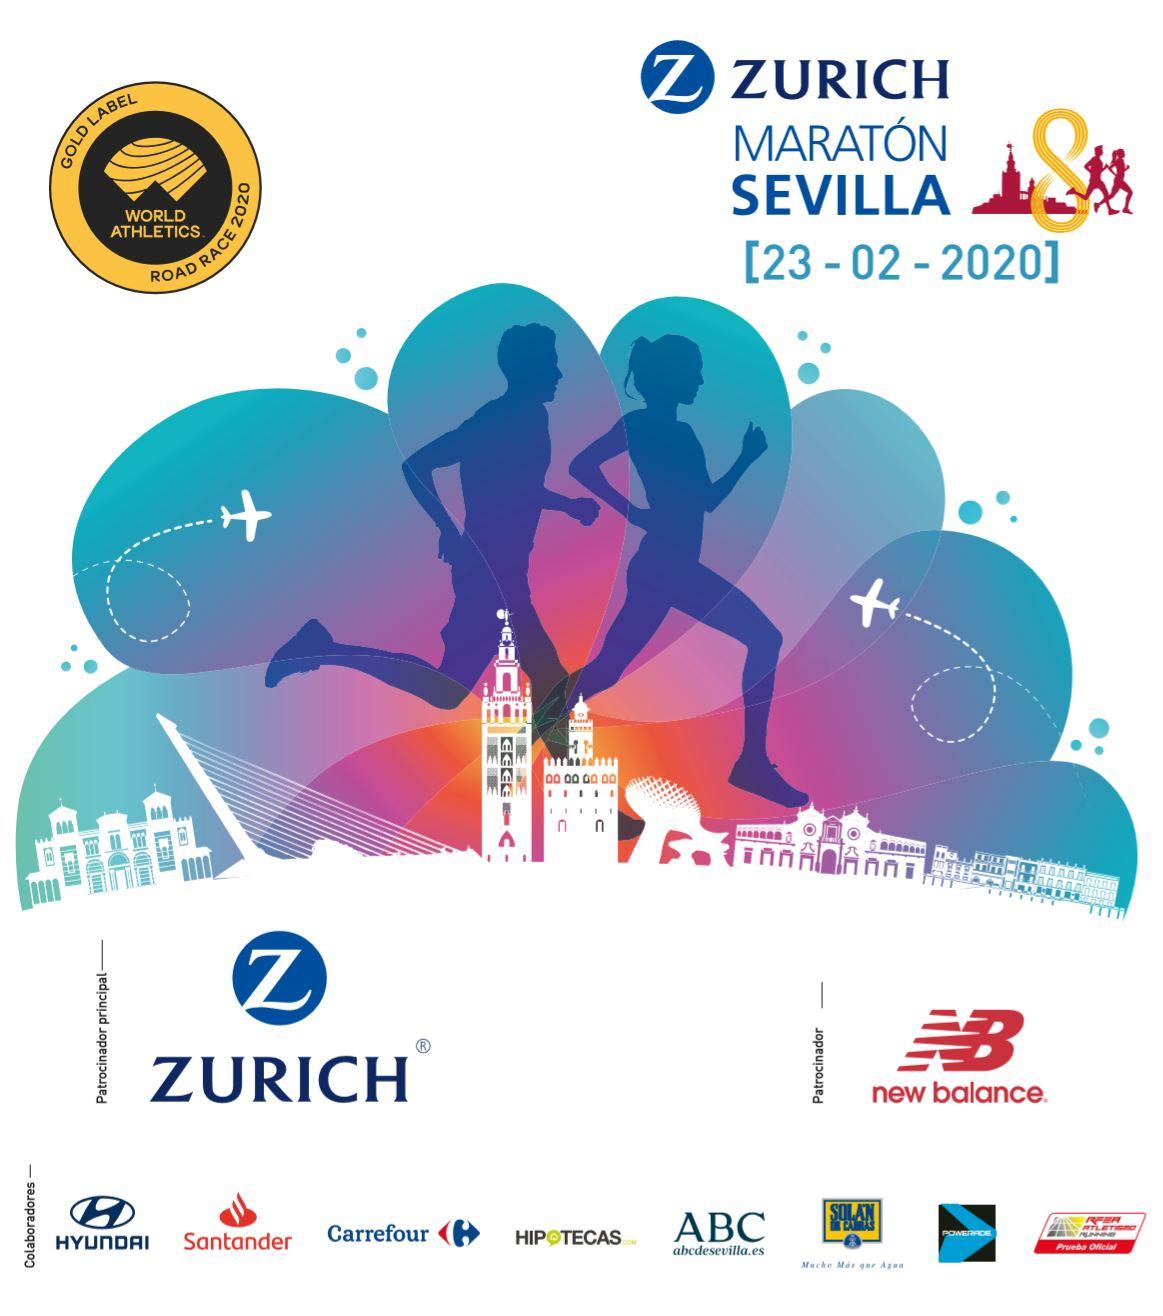 Maratón Sevilla 2.020 (23Feb) Nuevo record de inscritos con 14.000. Ultima hora previo carrera. Trazado y favoritos.